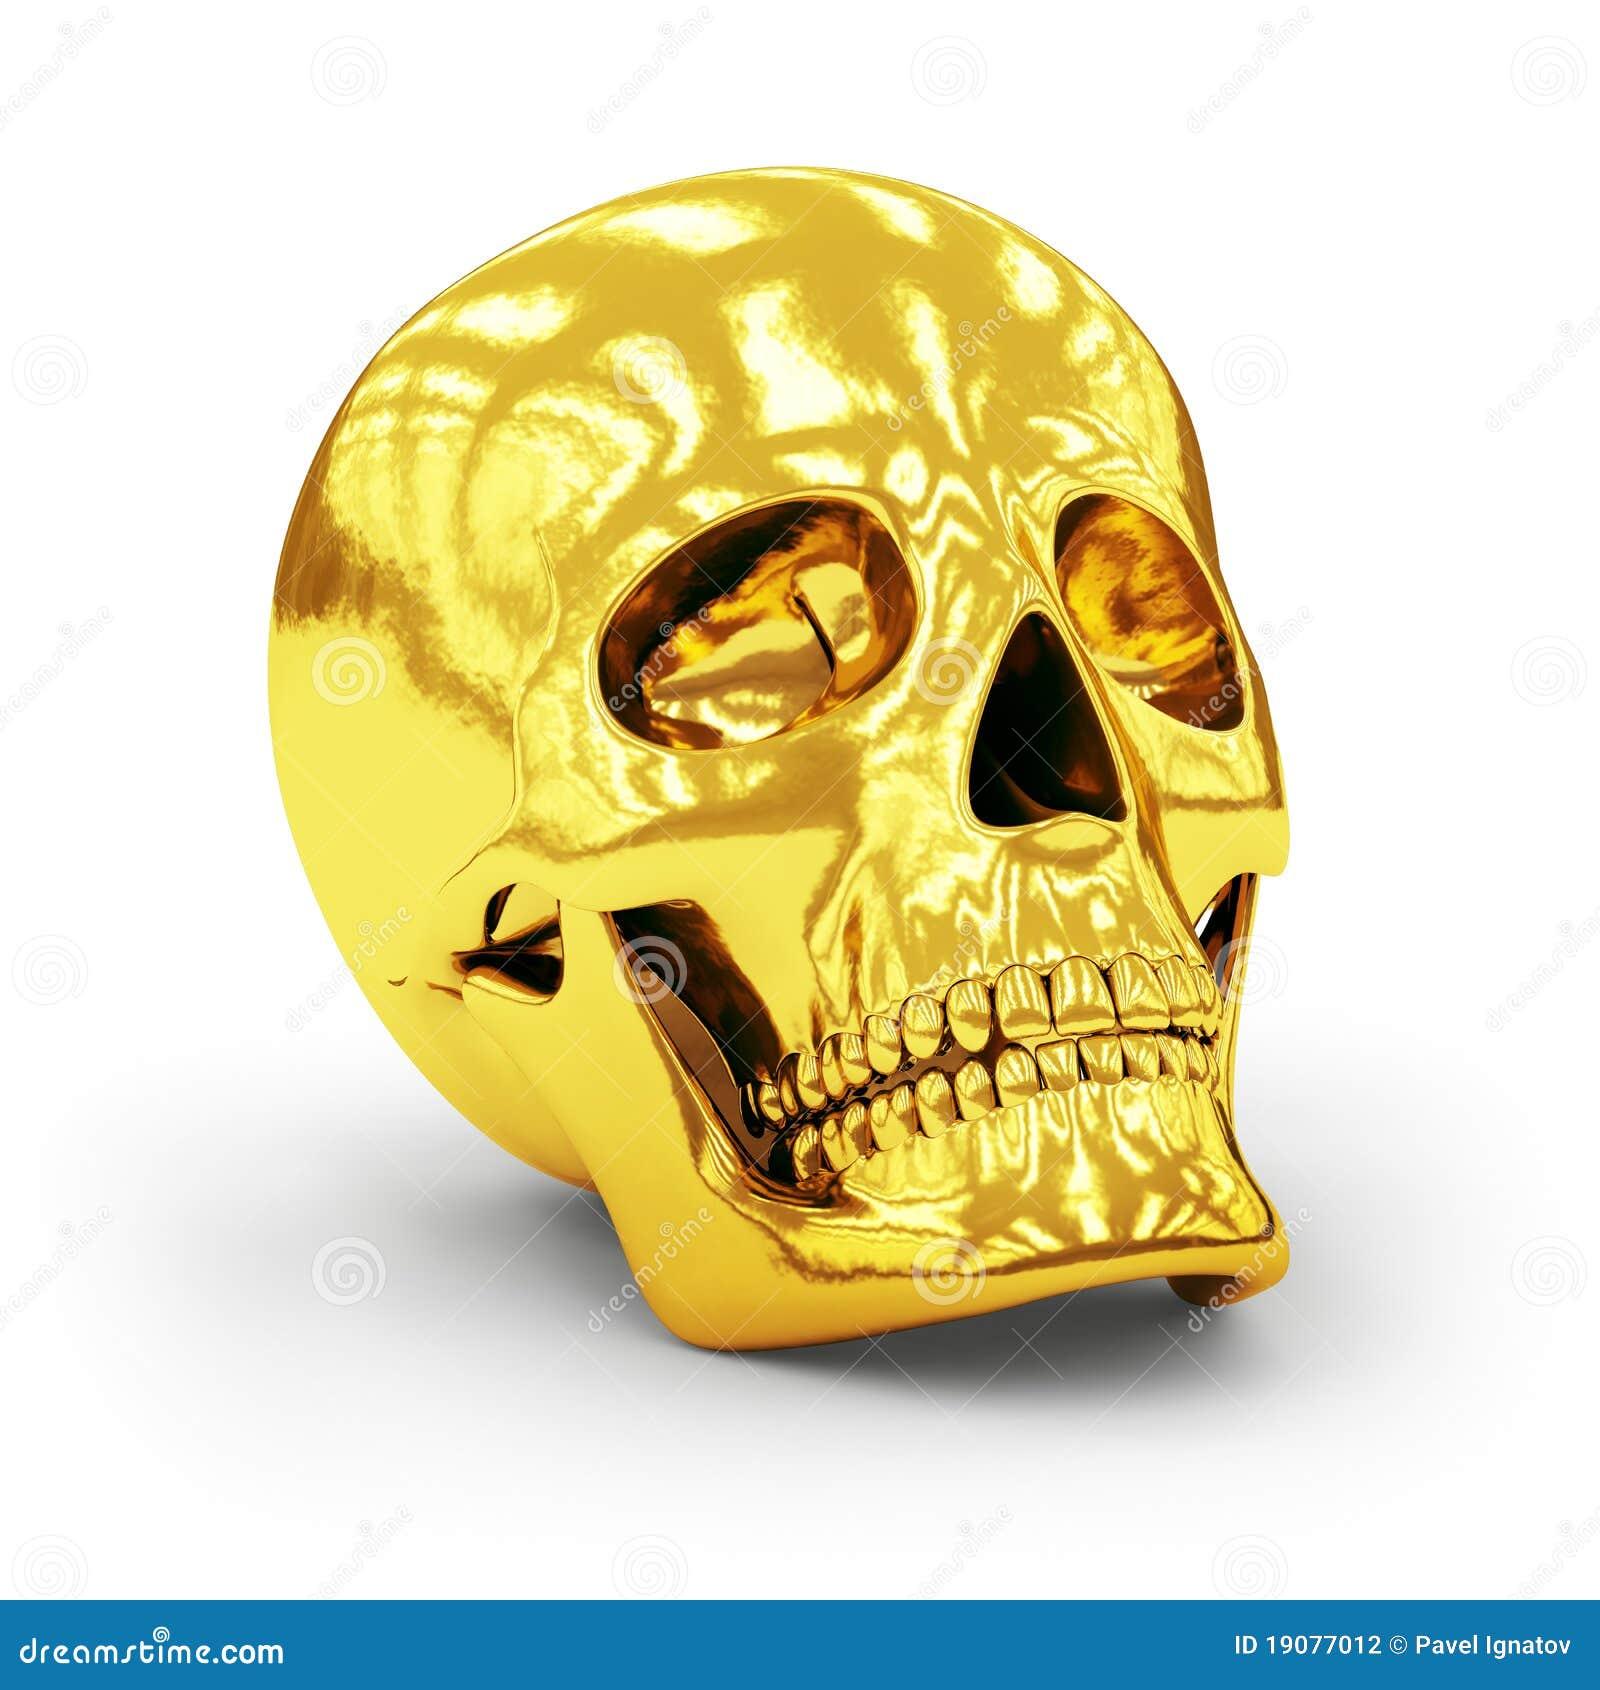 Фото на аву золото